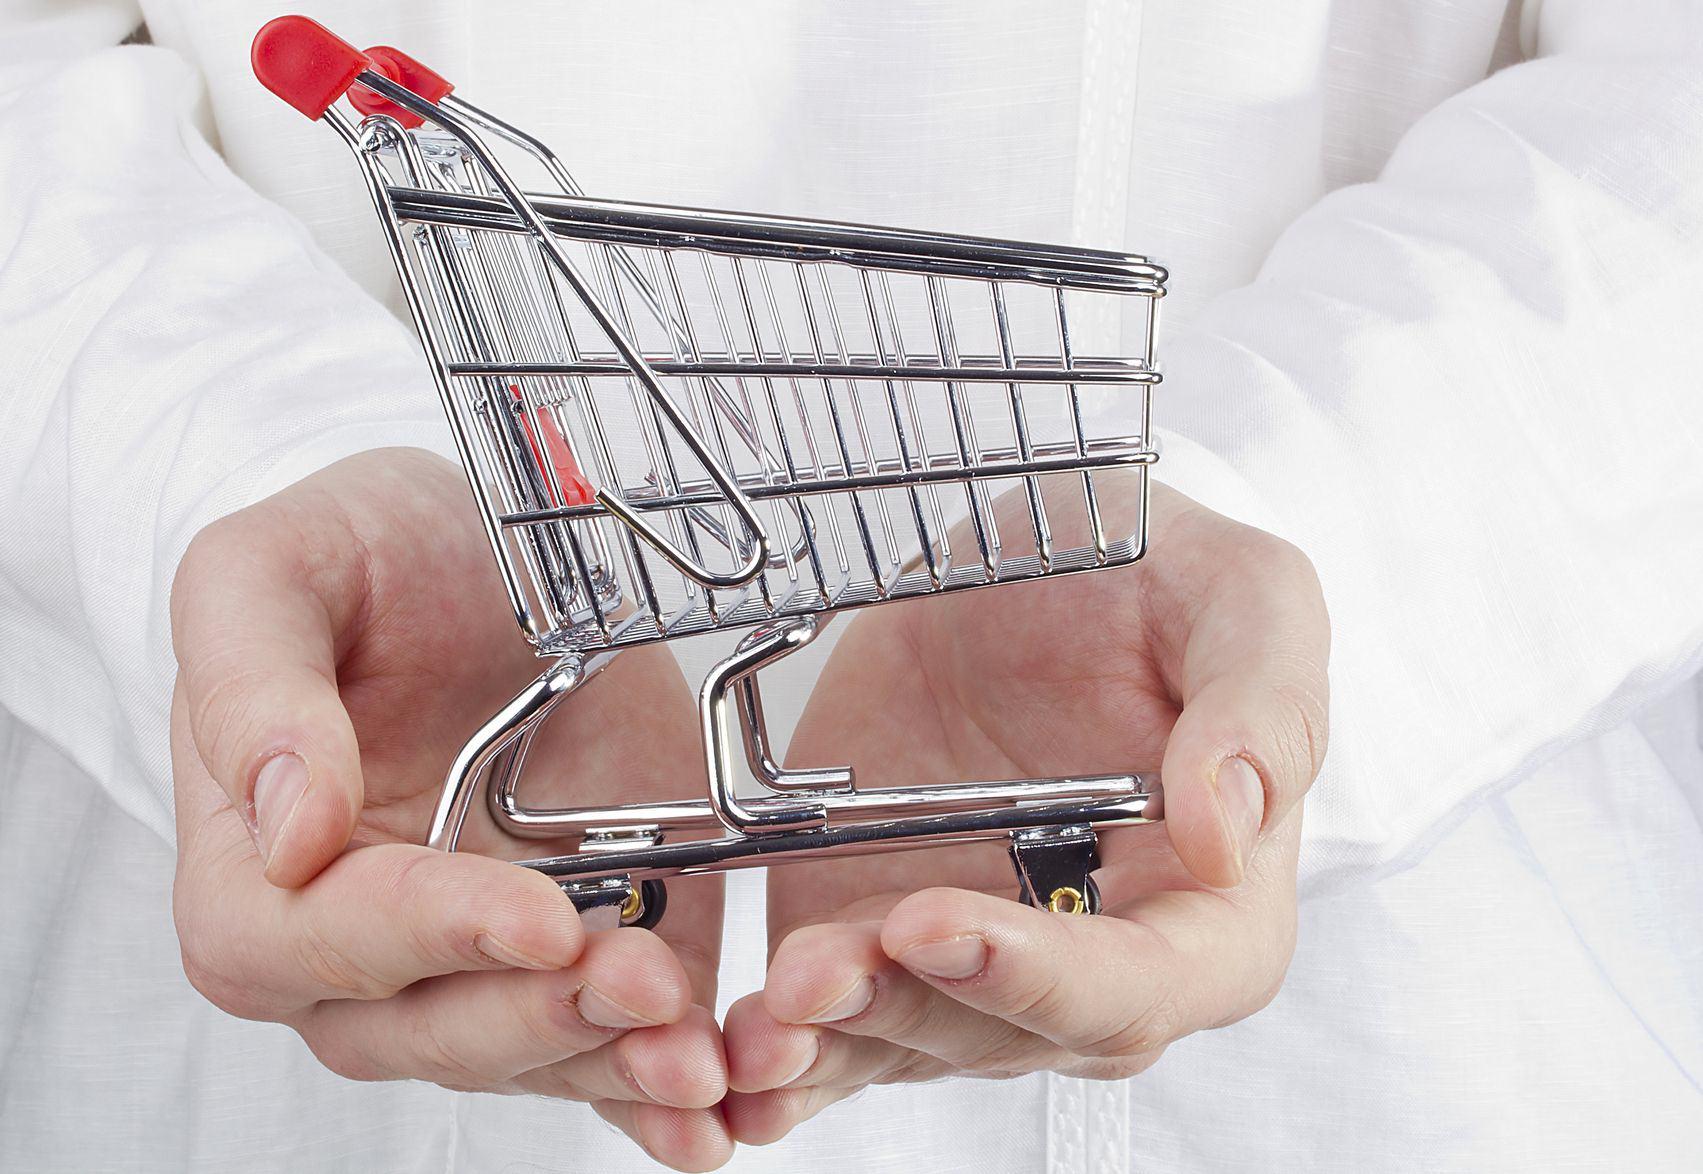 pomyłka w cenie towaru,regulamin sklepu internetowego, nowa ustawa konsumencka 2014, nowa ustawa konsumencka